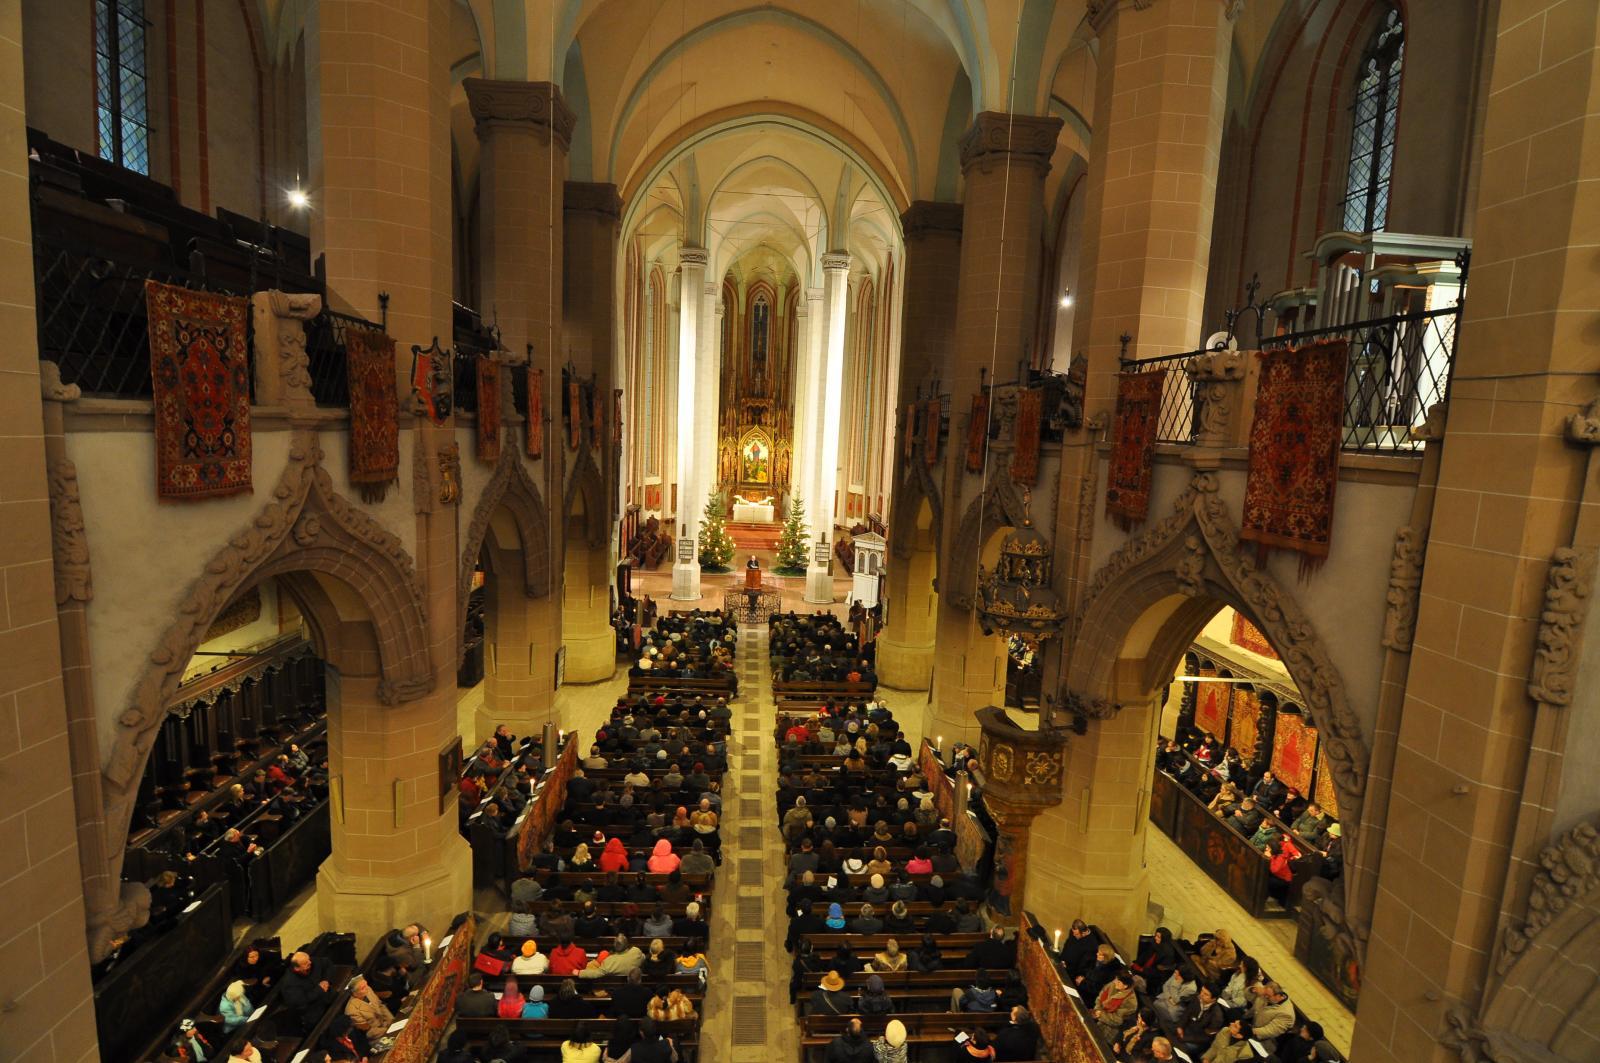 Anul acesta, Biserica Neagră din Brașov nu va mai găzdui concertele tradiționale de Crăciun